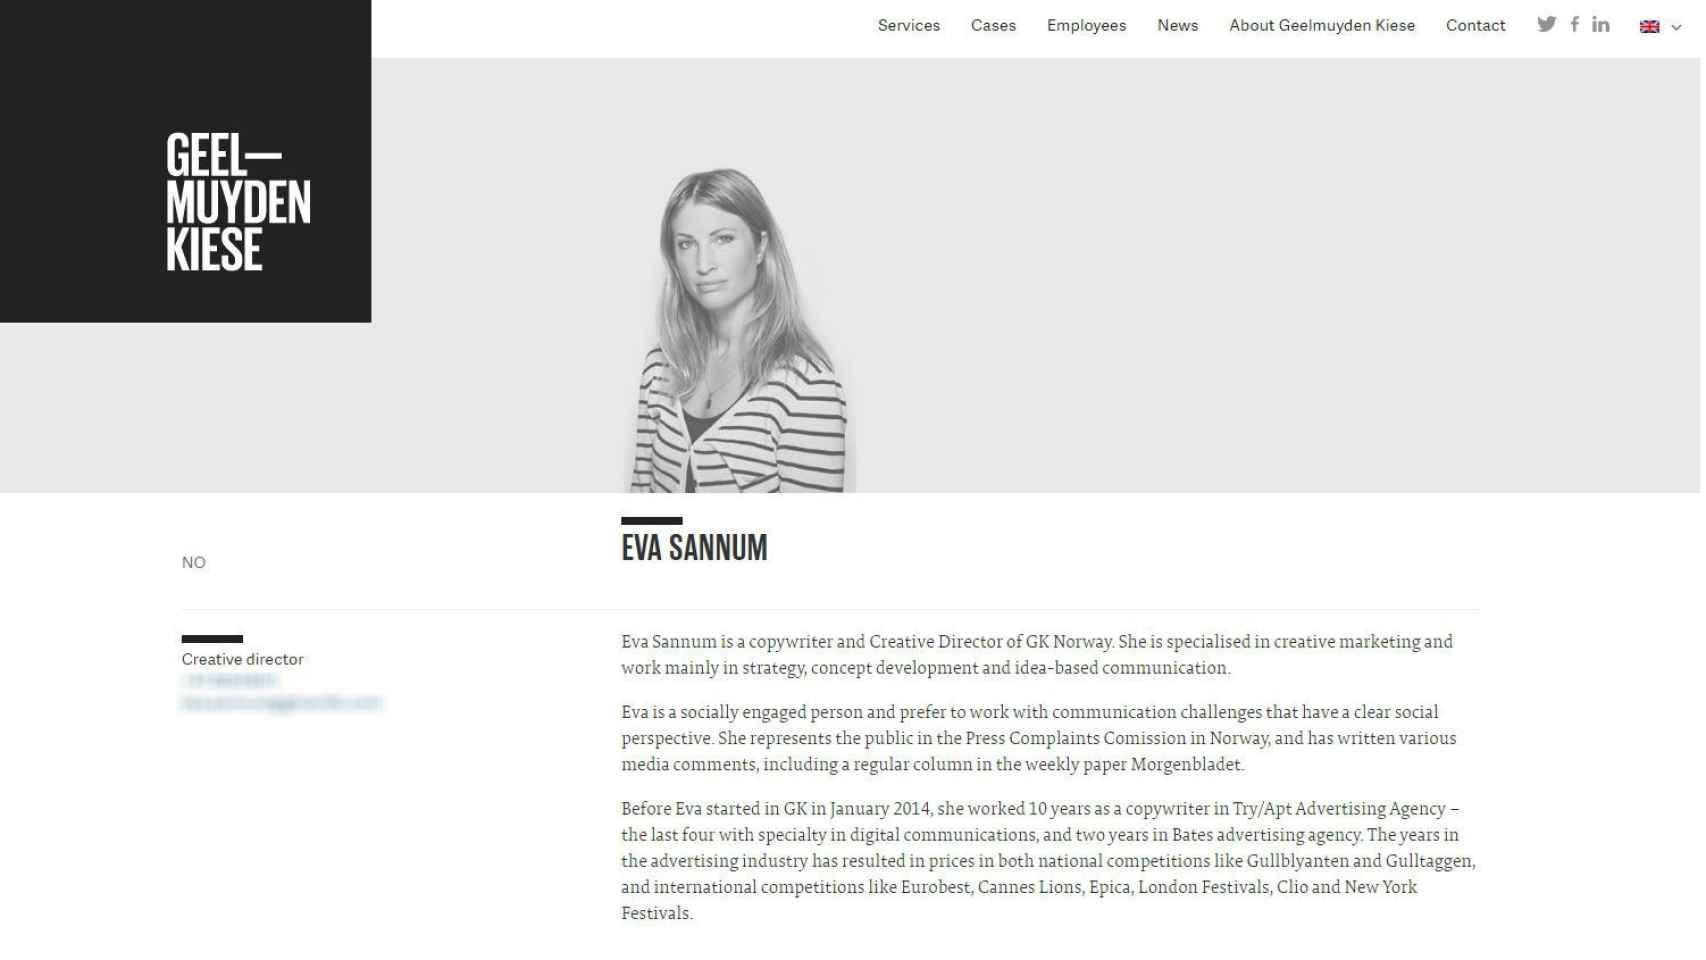 Eva Sannum es actualmente directora creativa de una empresa noruega.